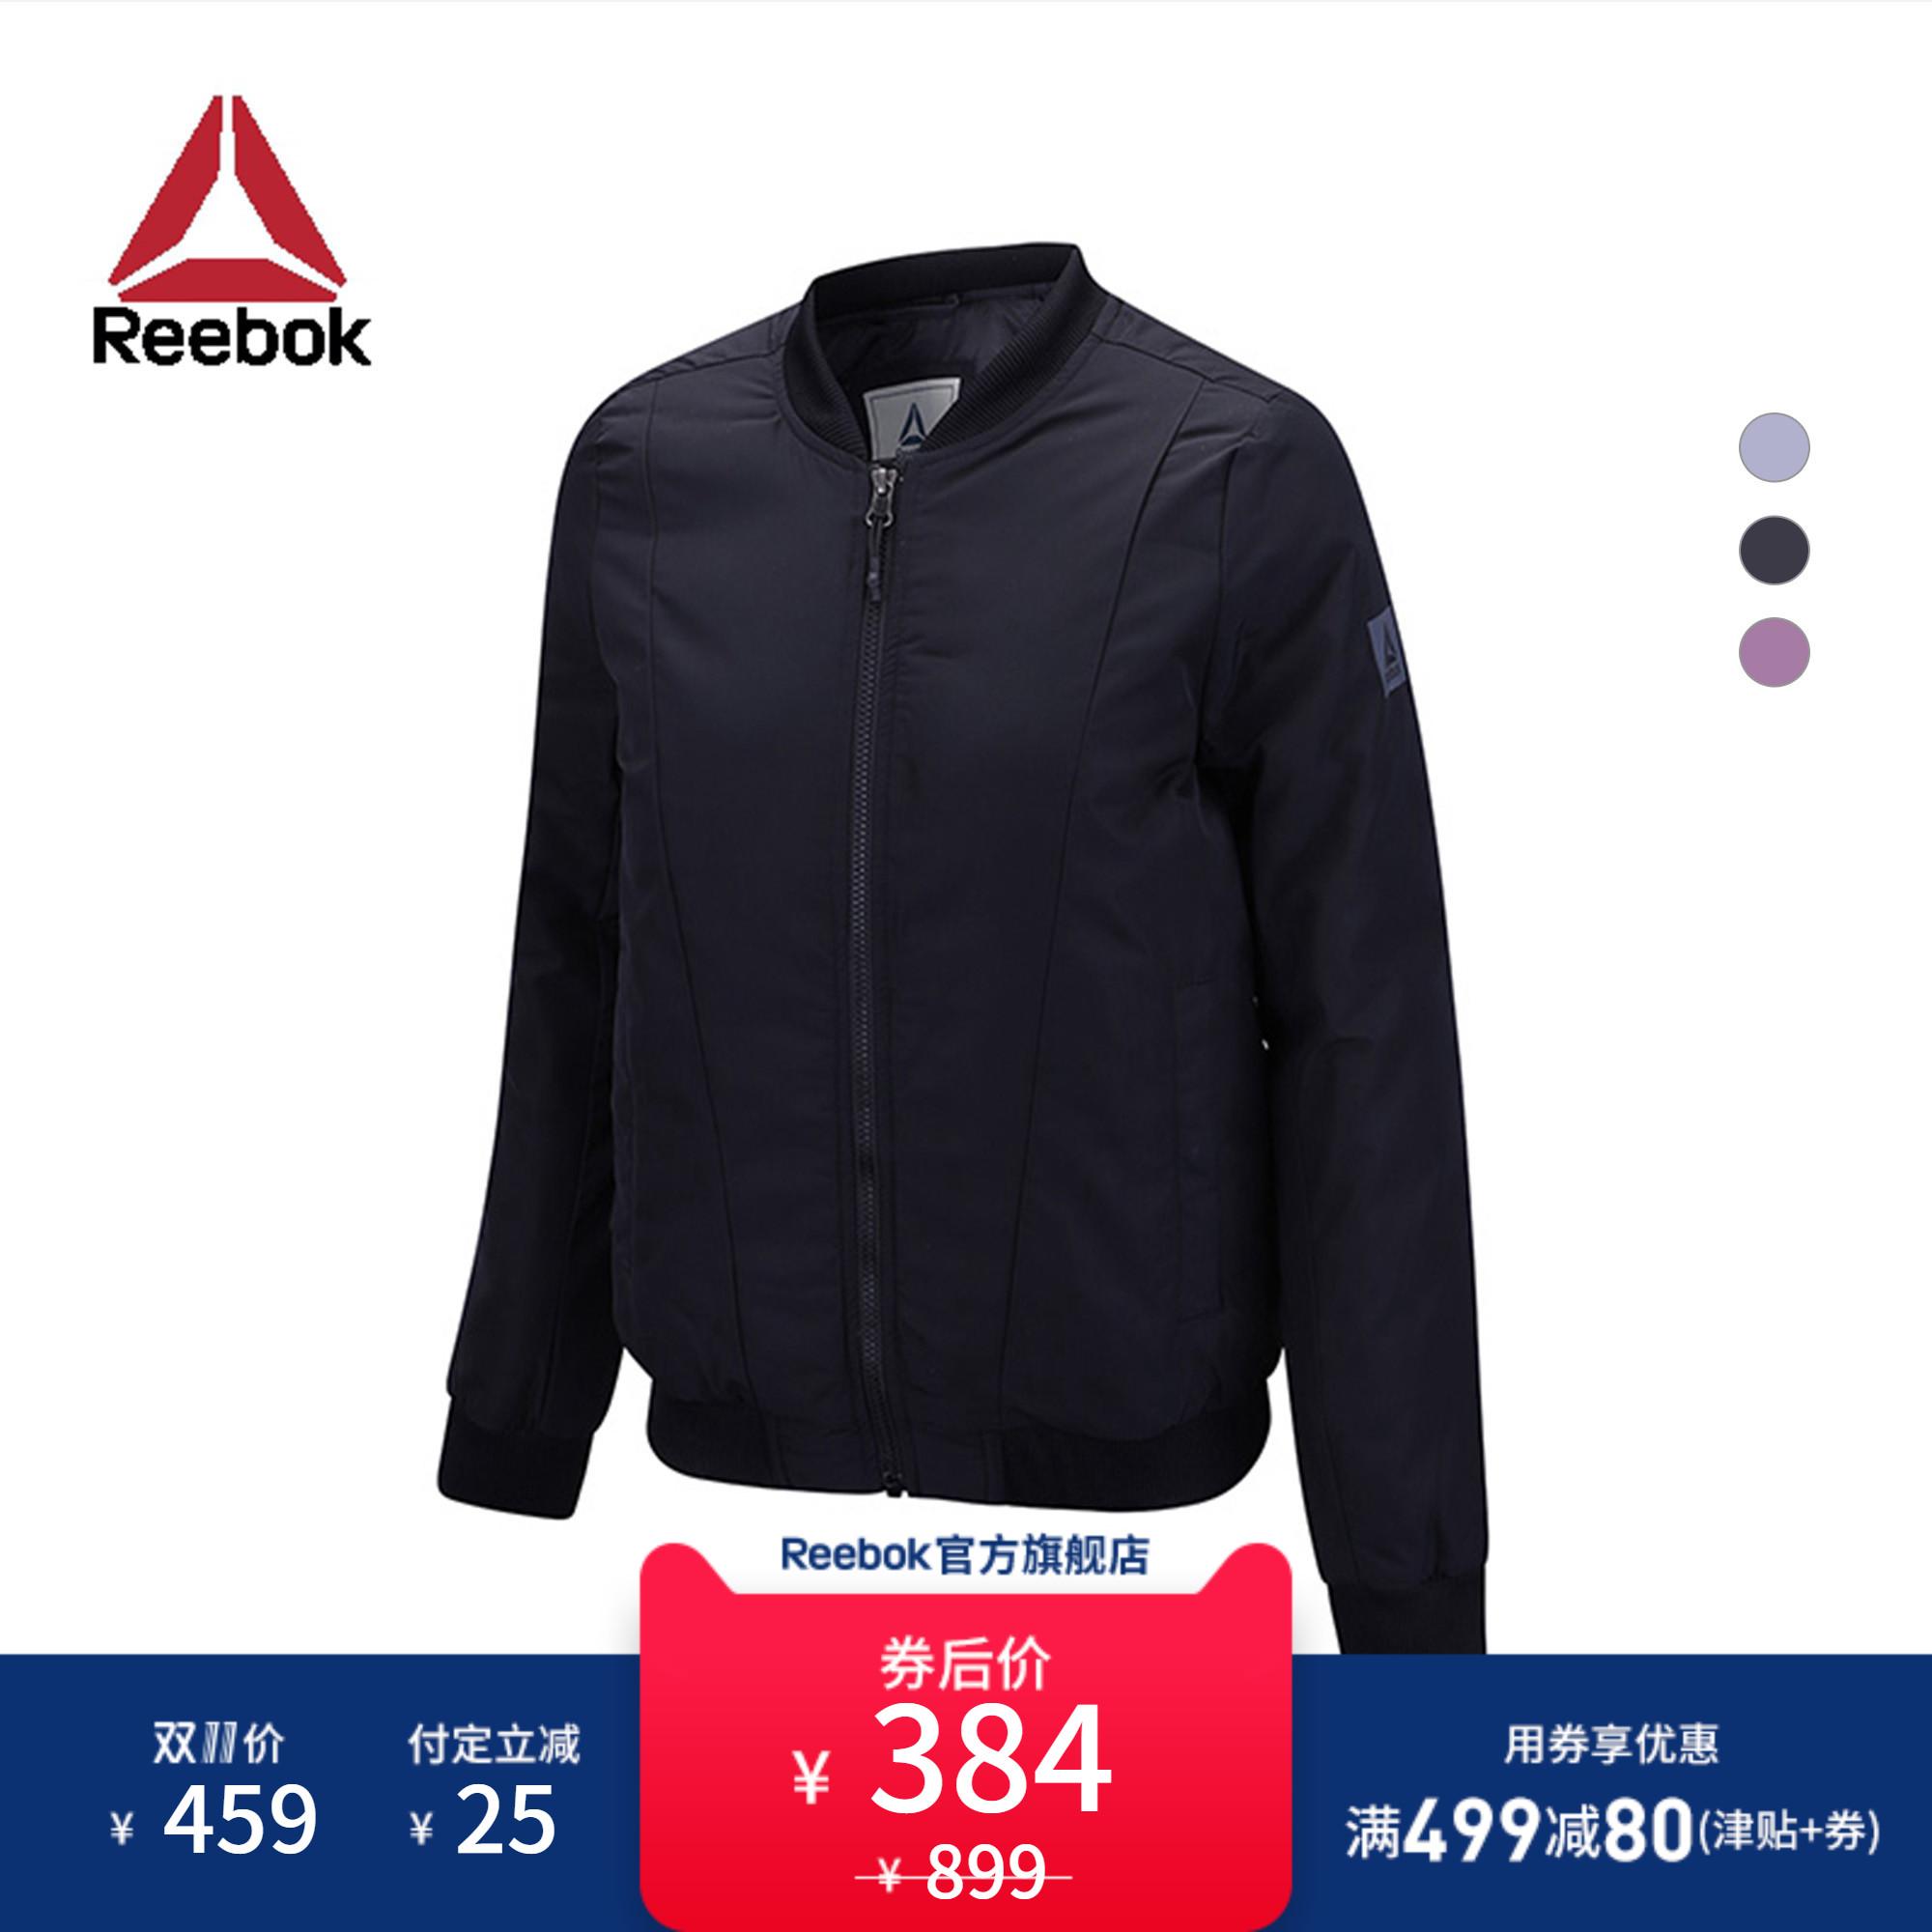 预售 Reebok锐步官方 运动健身 OD LS DWN JKT 女子羽绒服 FSE43